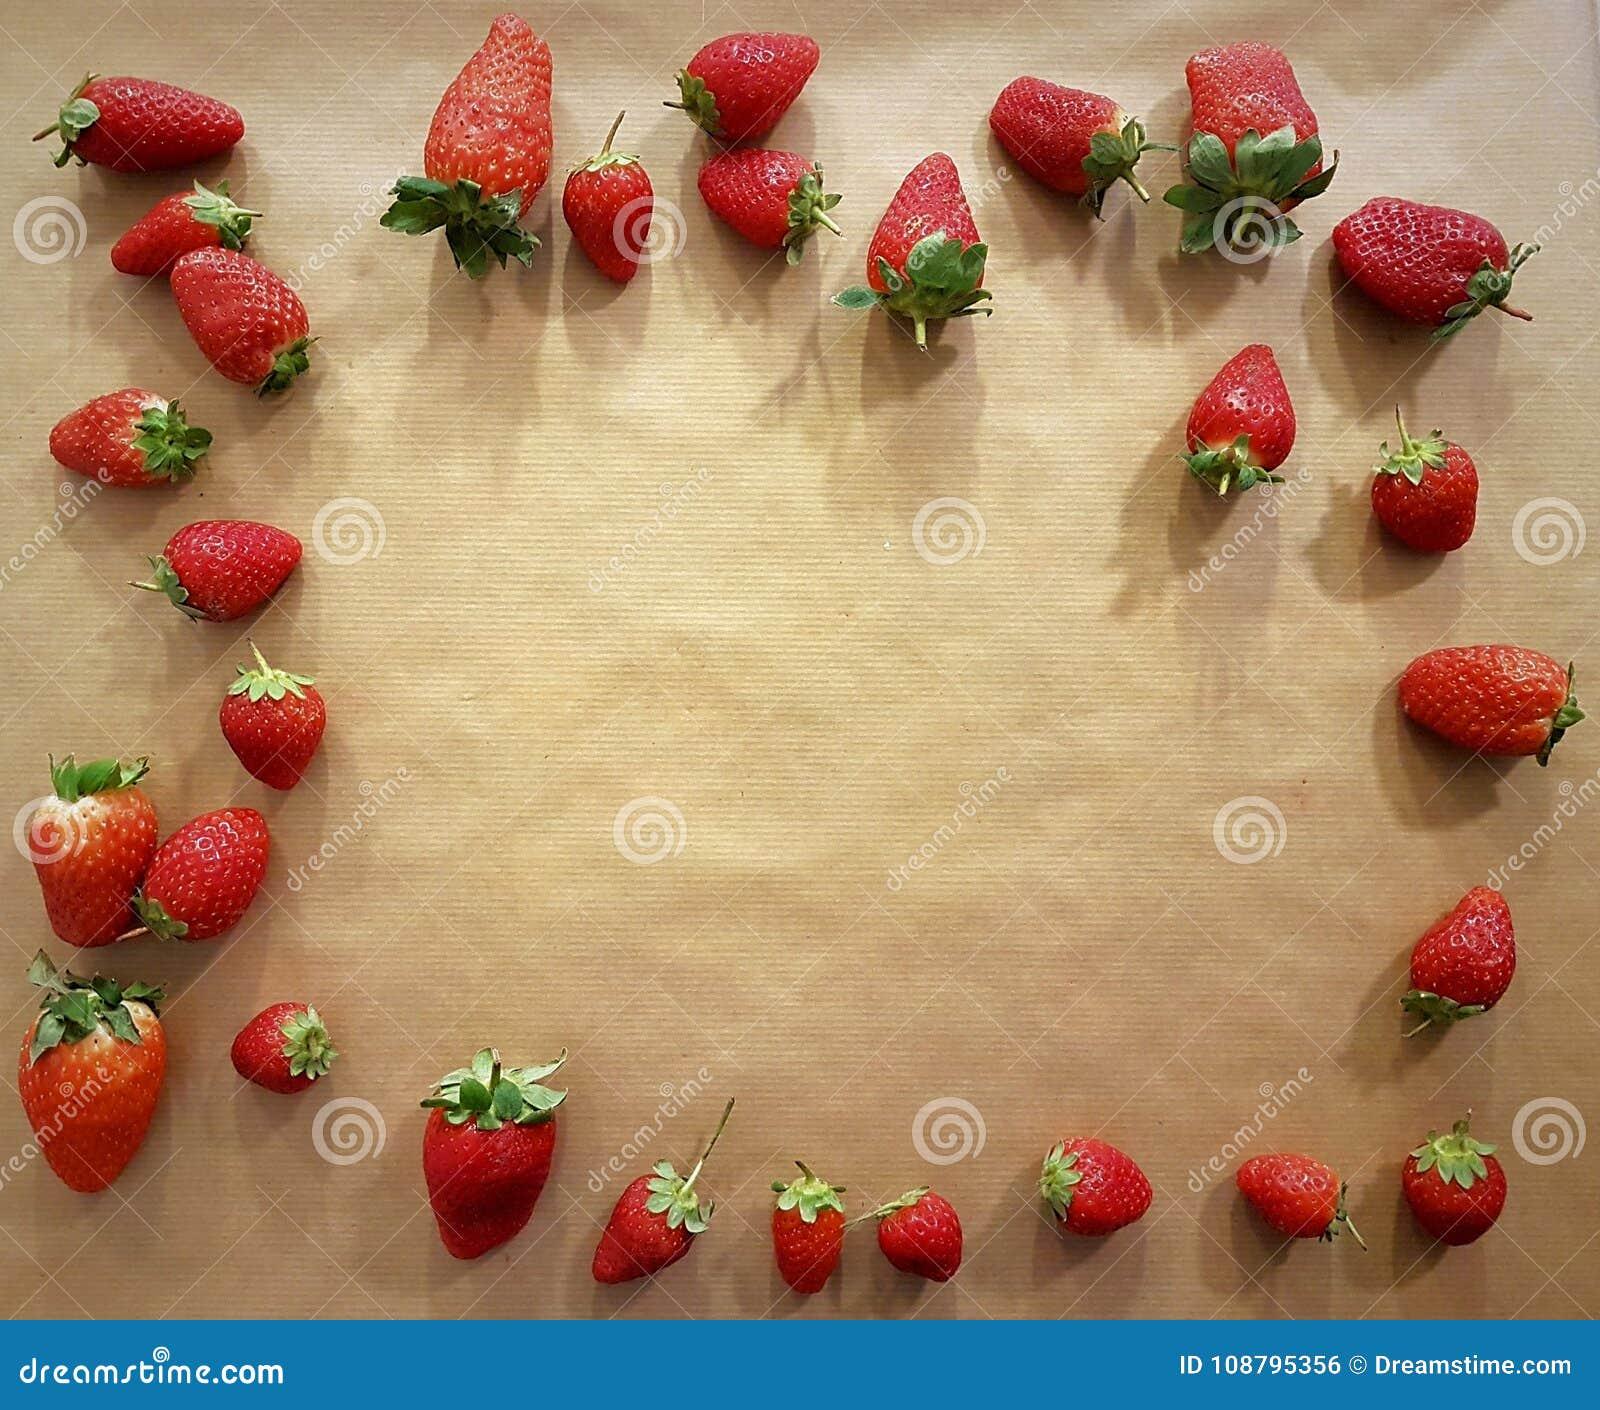 Hintergrund von Erdbeeren für Grüße und Segen: Jahrestage, Valentinsgruß ` s Tag, Geburtstage, Restaurant, Liebe, Freundschaft